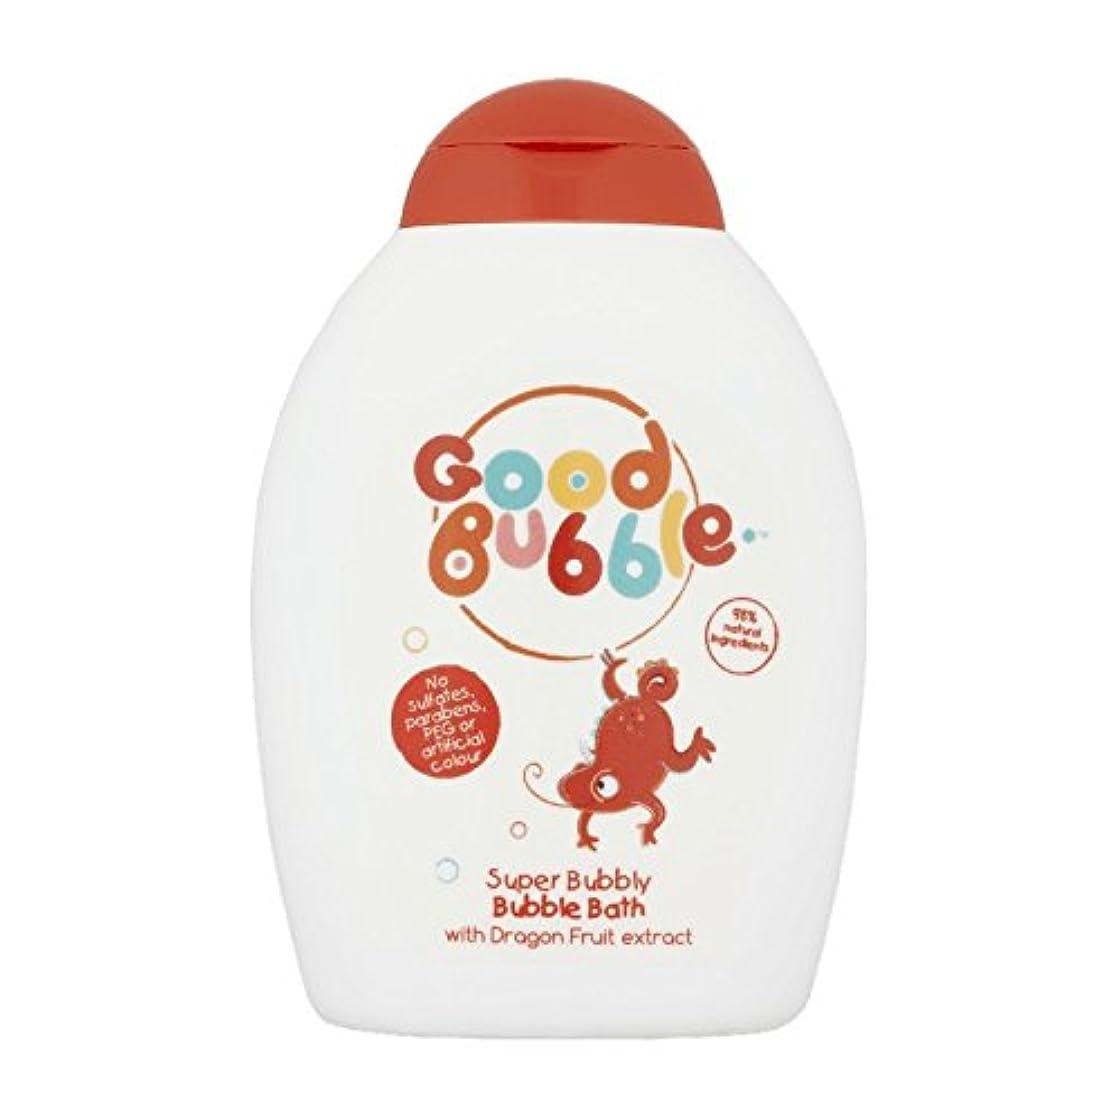 ケージブルジョン交渉するGood Bubble Dragon Fruit Bubble Bath 400ml (Pack of 6) - 良いバブルドラゴンフルーツバブルバス400ミリリットル (x6) [並行輸入品]